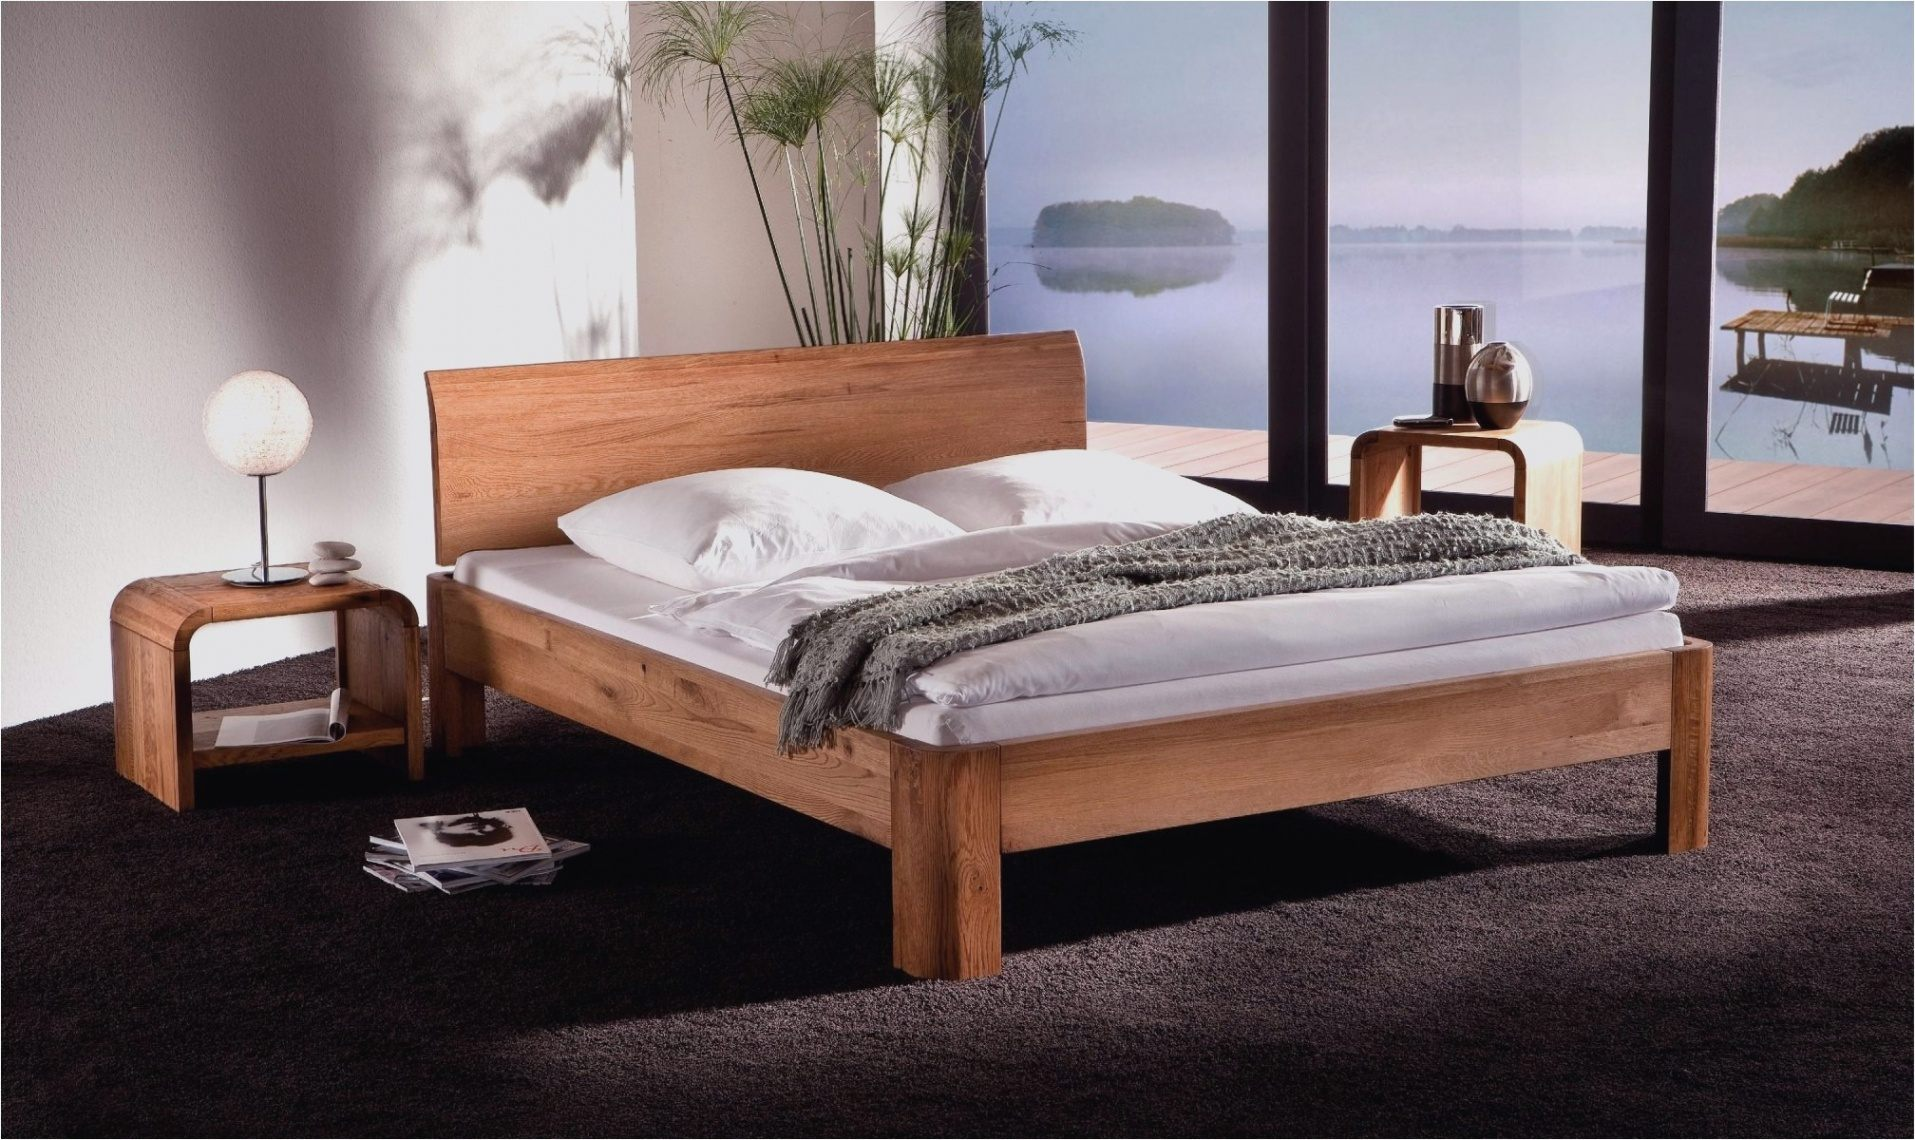 Tete De Lit Groupon Impressionnant Lit Design 160×200 160×200 Finest Lit X Led Lit Led Design Groupon